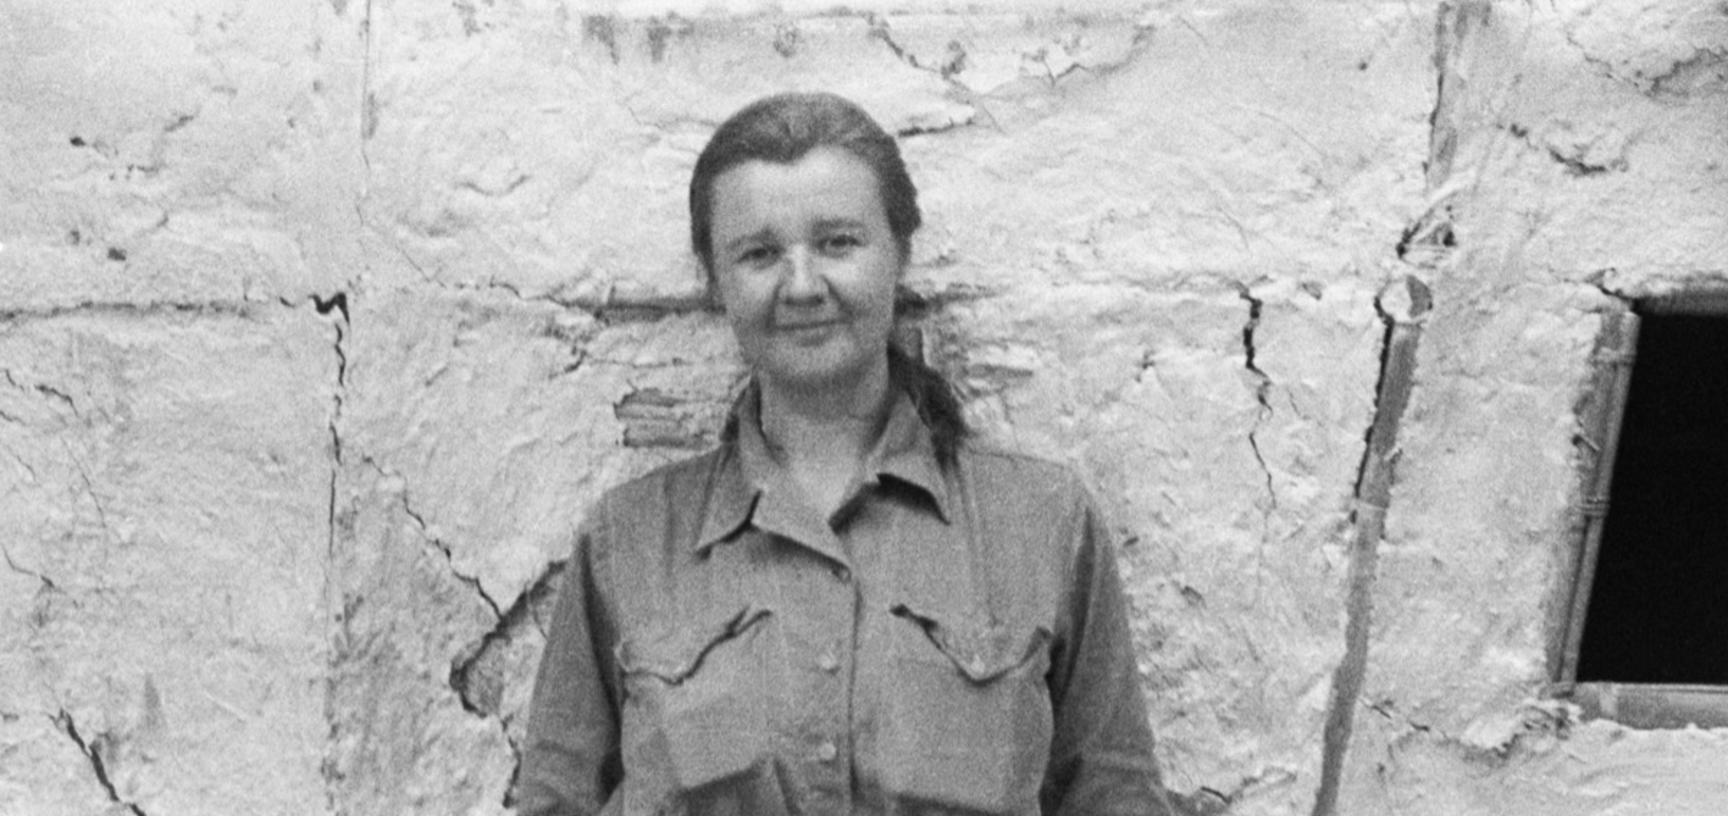 Ursula Graham Bower in India, 1947-8